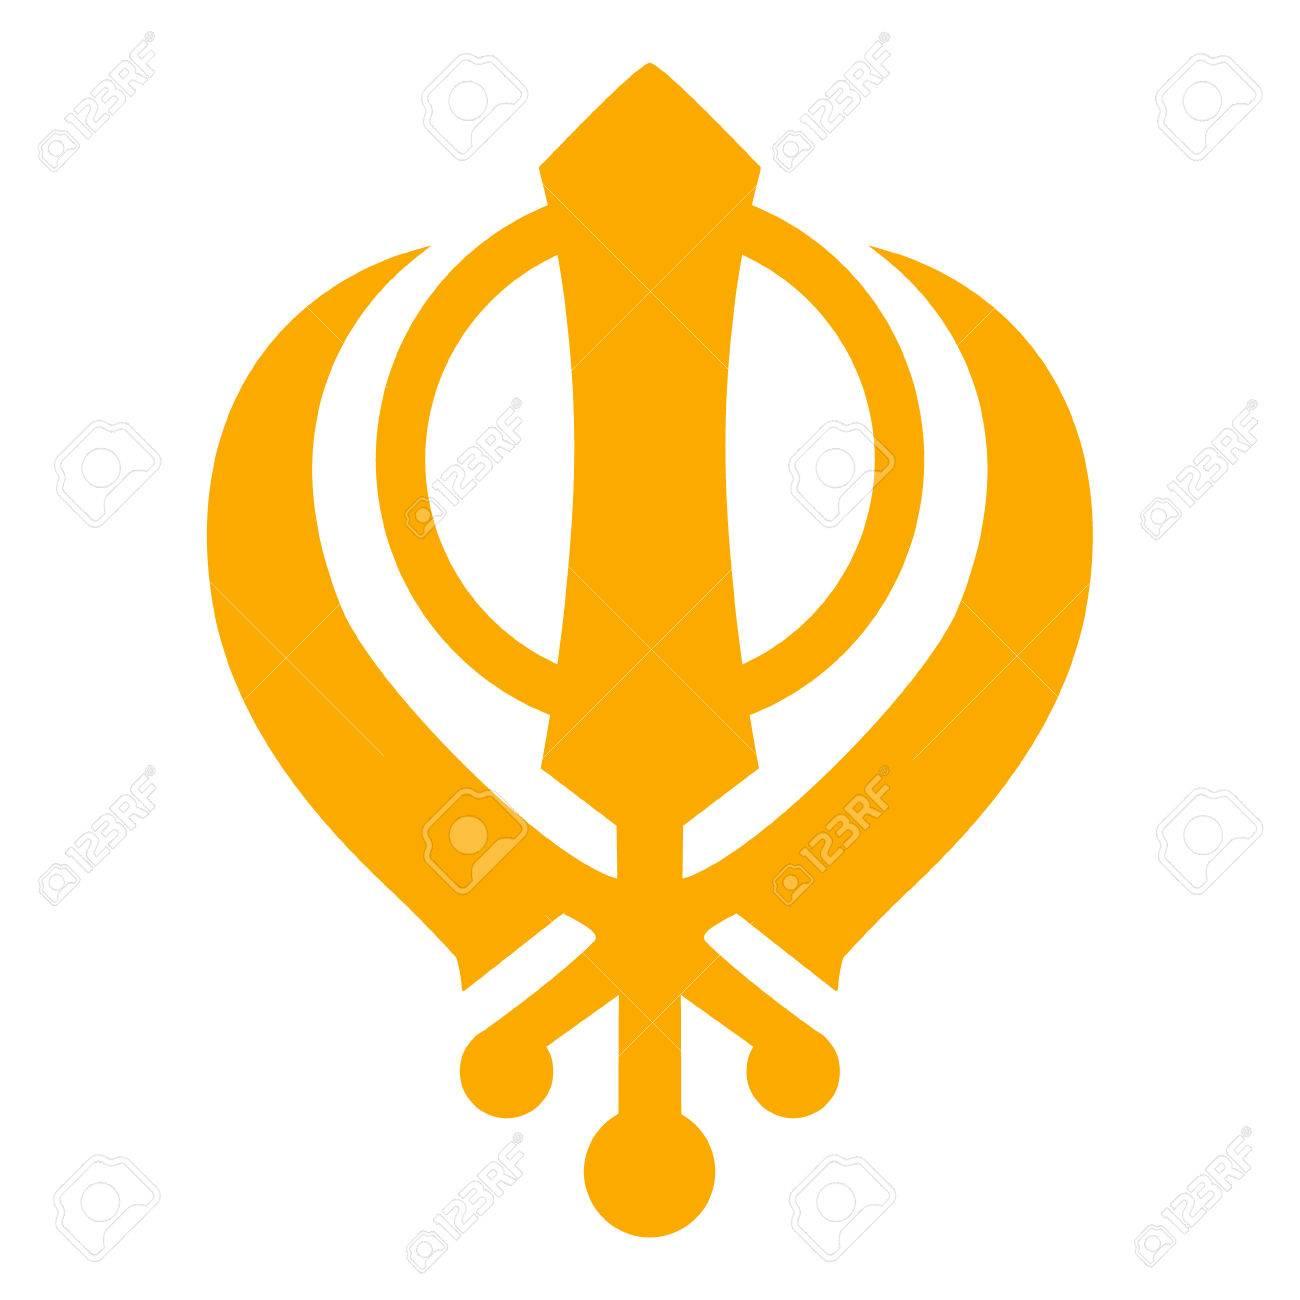 https://previews.123rf.com/images/viktorijareut/viktorijareut1709/viktorijareut170900263/87111545-raster-illustration-golden-silhouette-khanda-sikh-icon-isolated-on-white-background-religious-symbol.jpg